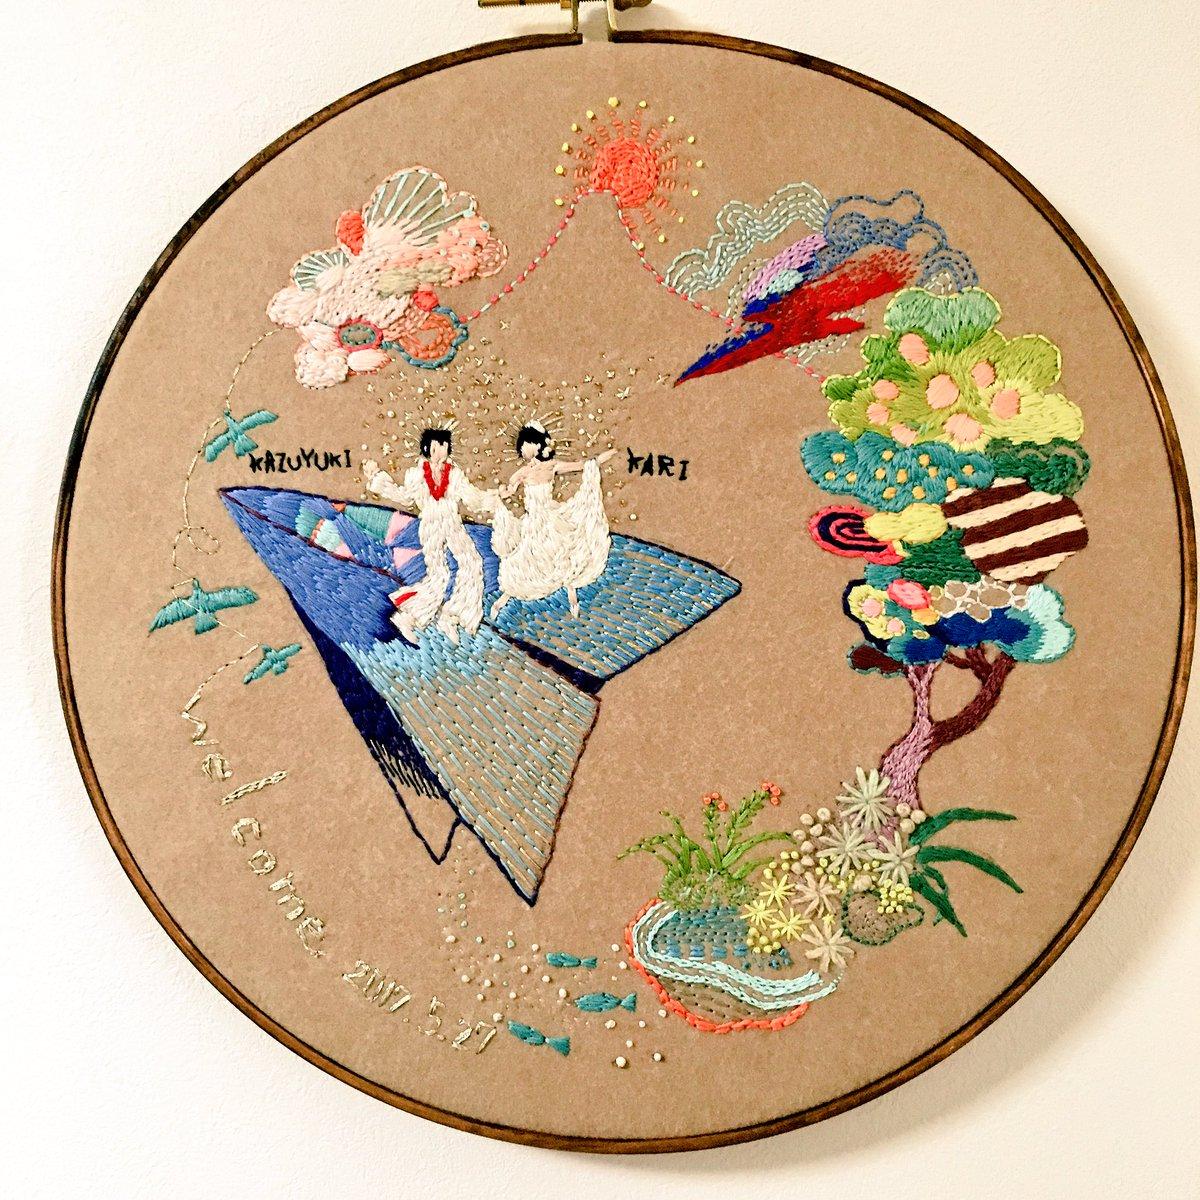 許可頂いたのでup。友人の結婚披露宴で飾って頂いたウェルカム刺繍。直径40cmの私的大作でございました◎ https://t.co/s8UisvRGl4